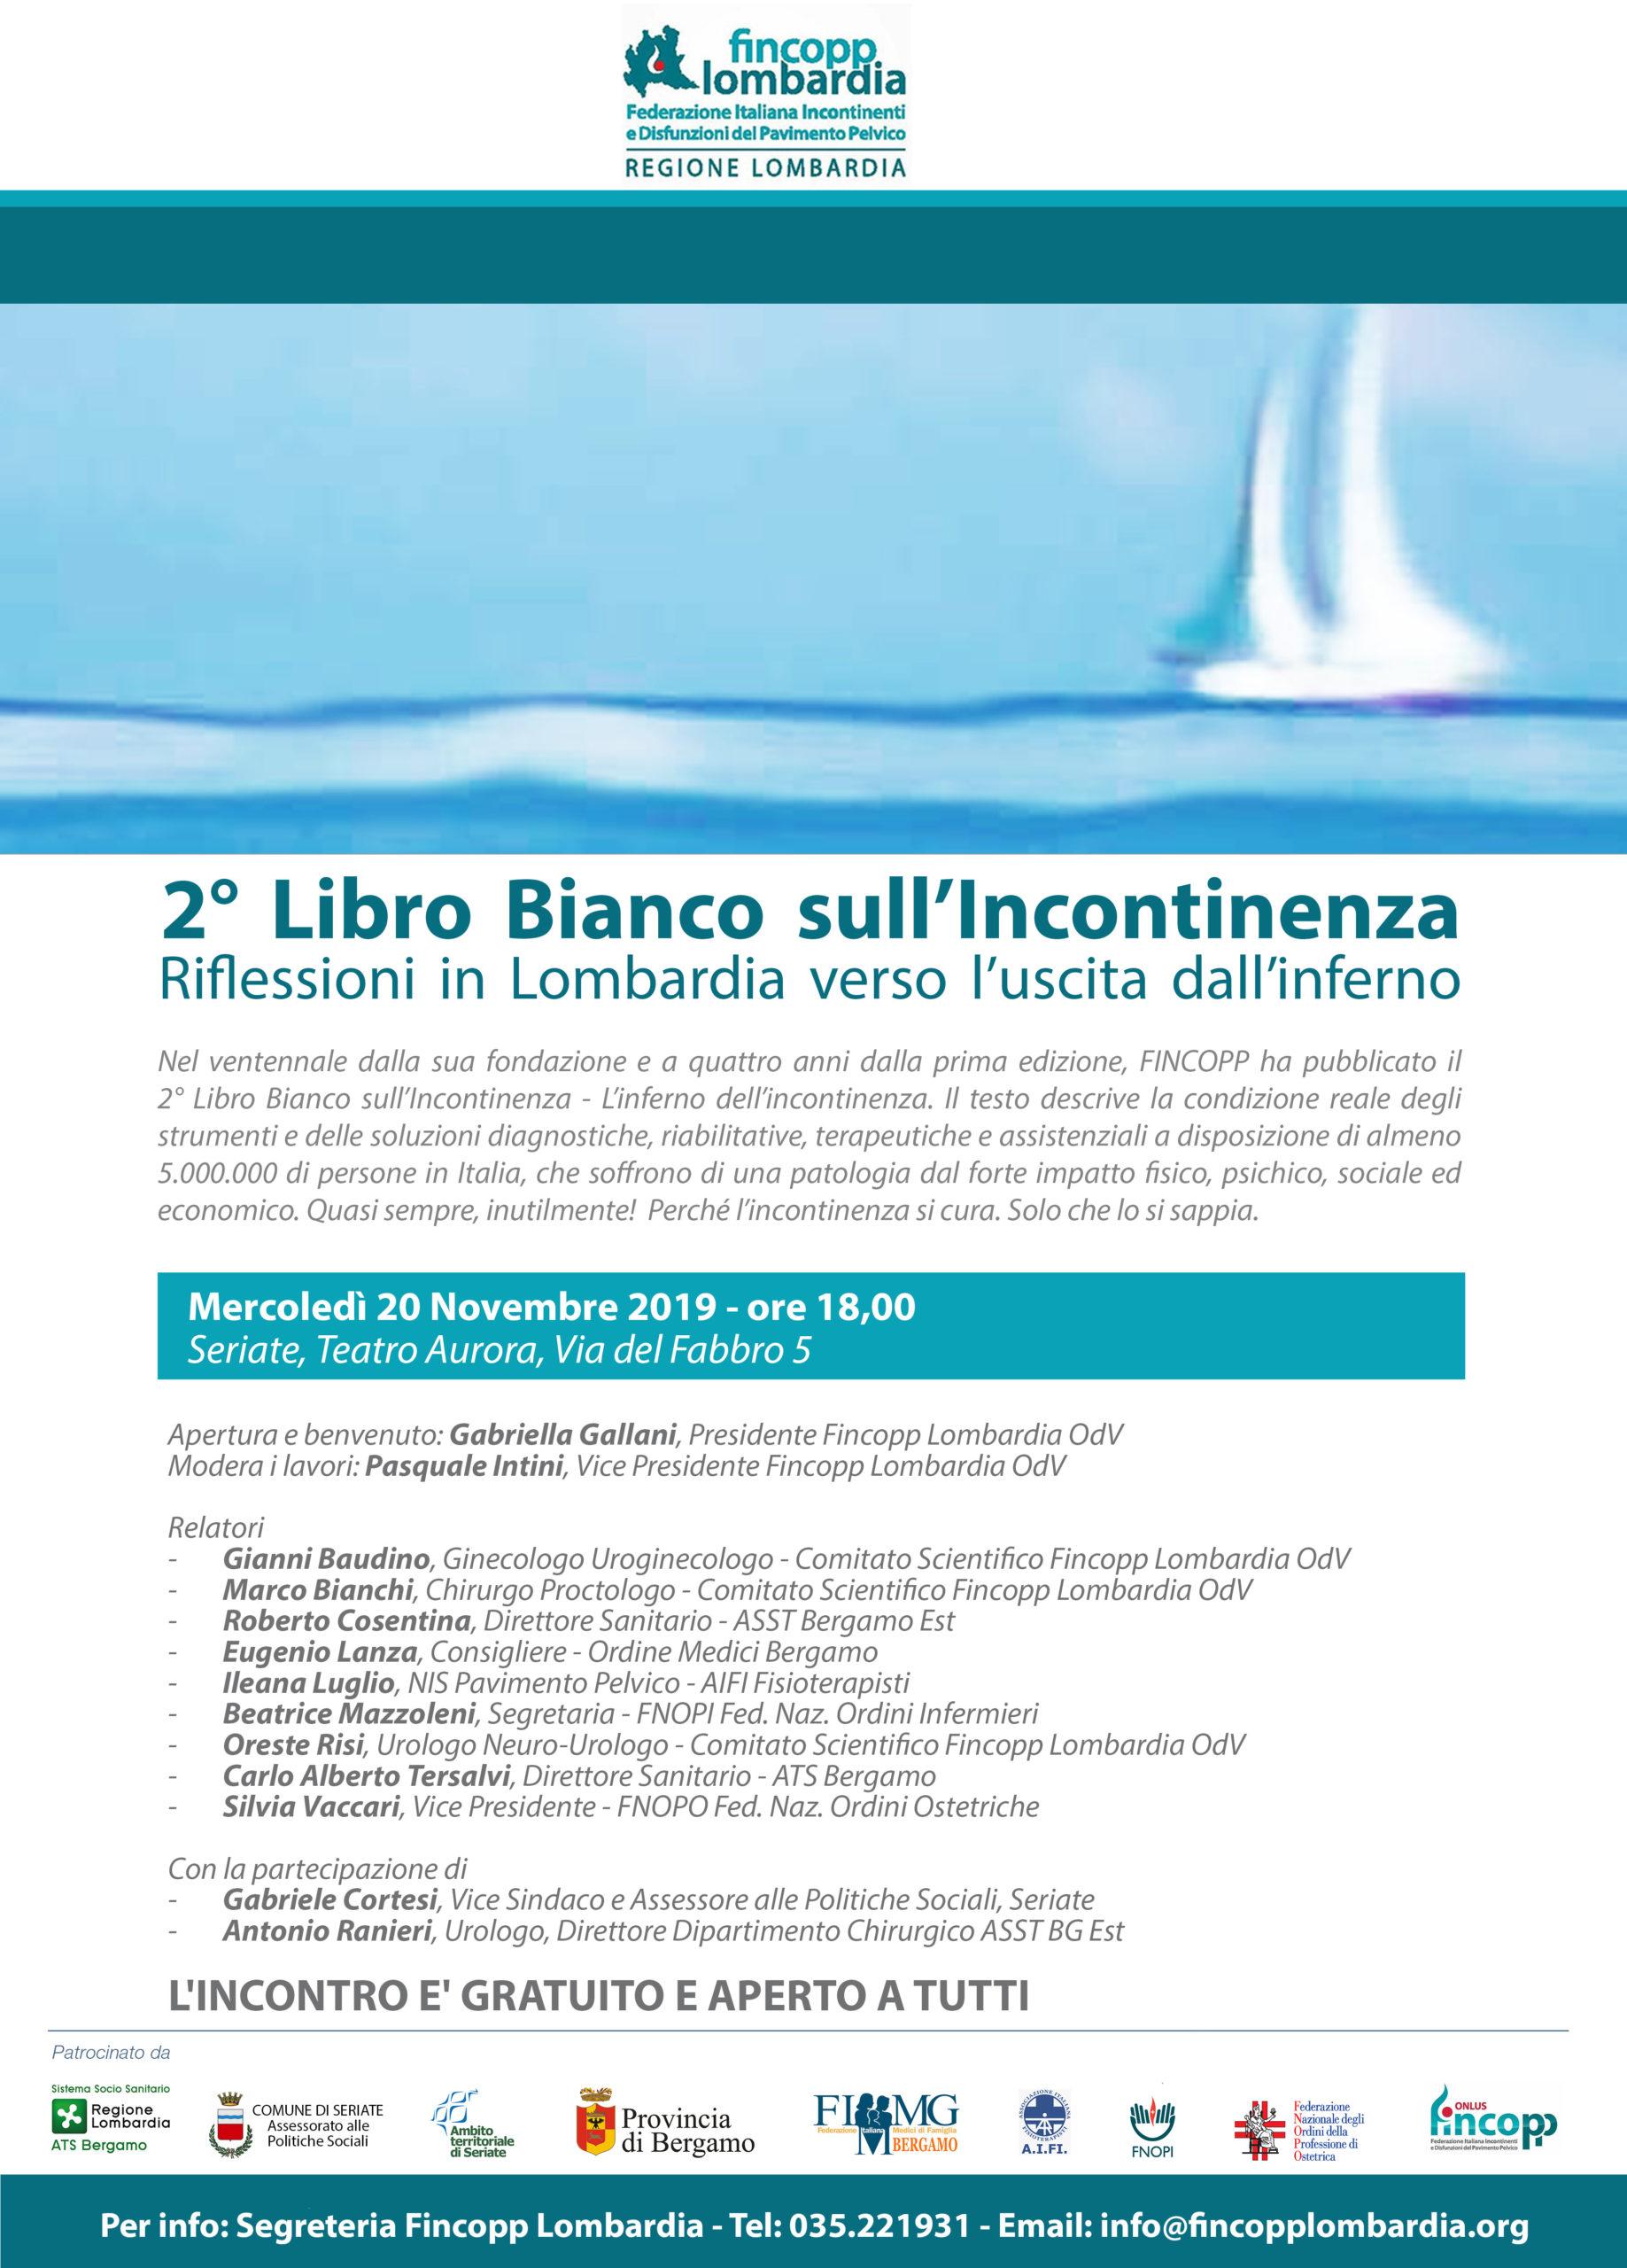 Il 2° Libro Bianco sull'Incontinenza convegno a Seriate